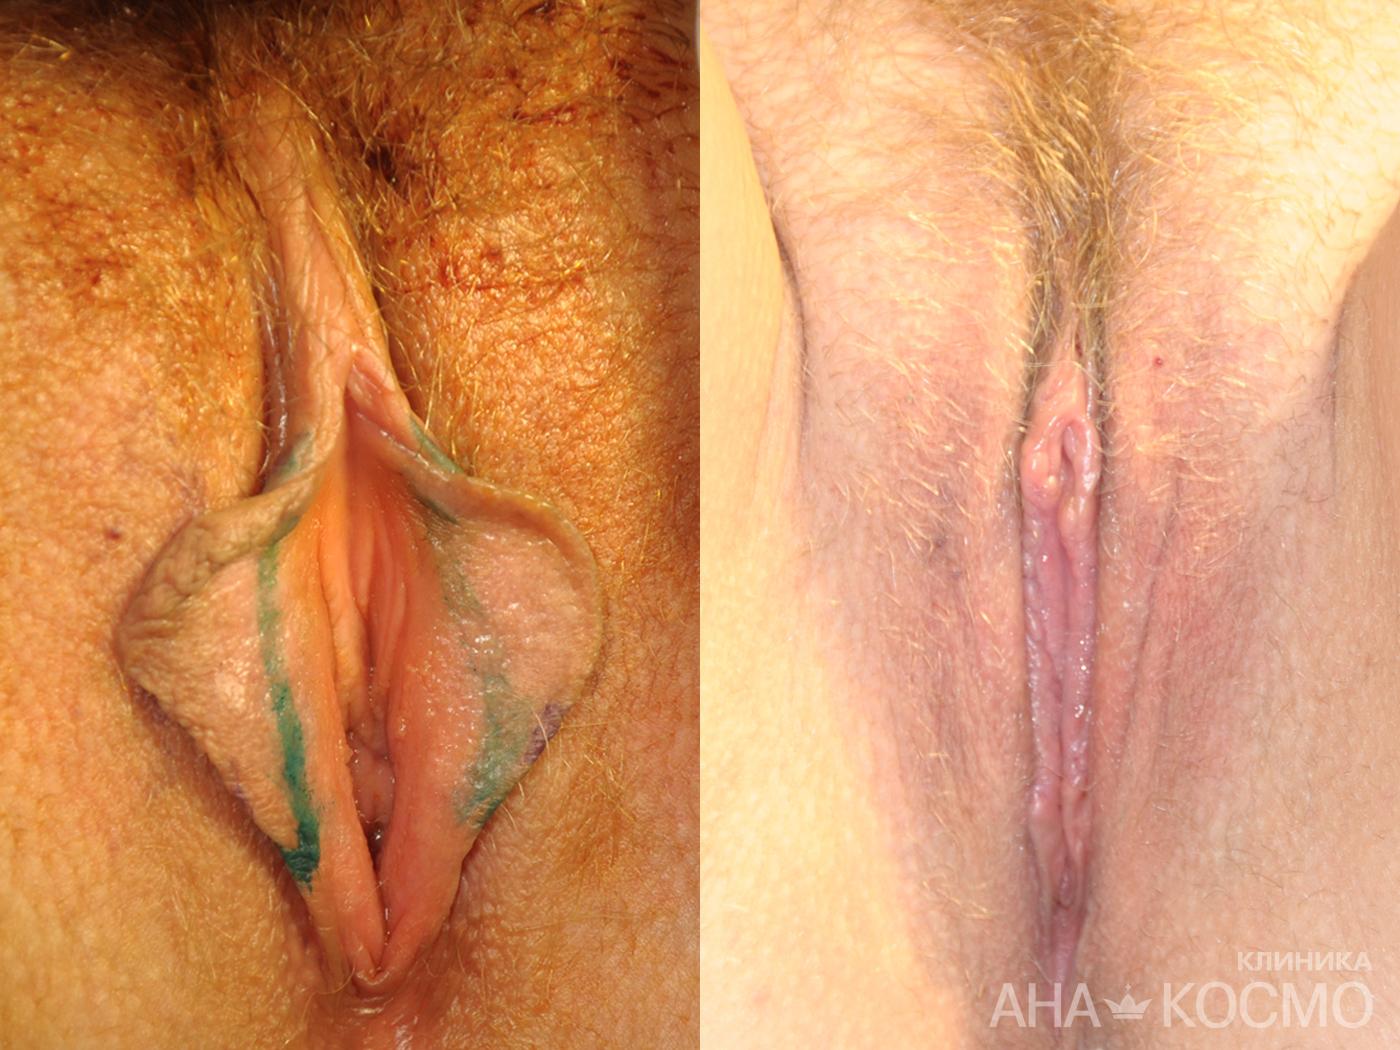 Сшивание половых губ медики видео, извращение в природе реал фото